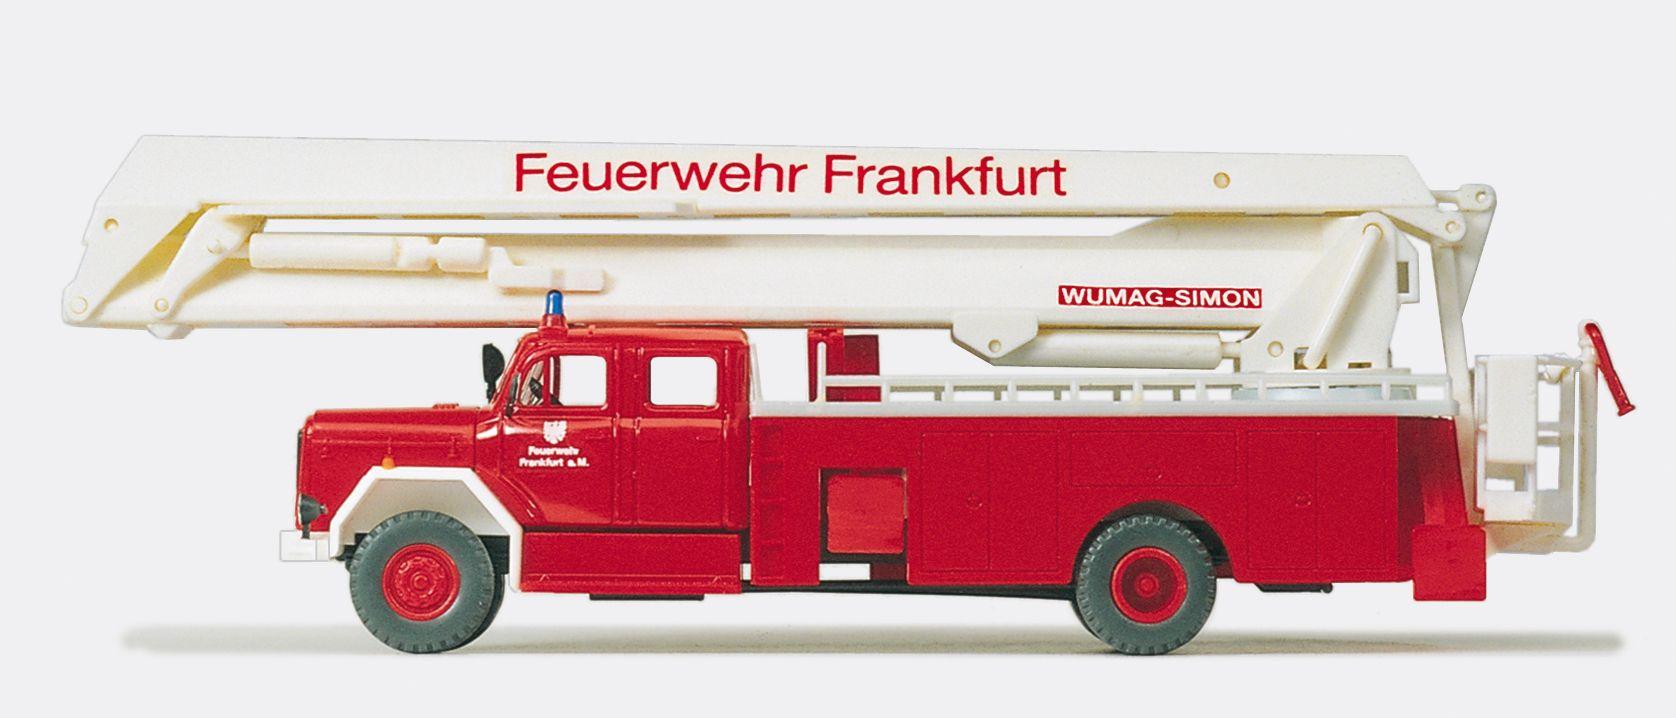 1:87 Feuerwehr Gelenkbühne Magirus F200 D 16, Wumag-Simon Bausatz - Preiser 31292  | günstig bestellen bei Modelleisenbahn Center  MCS Vertriebs GmbH